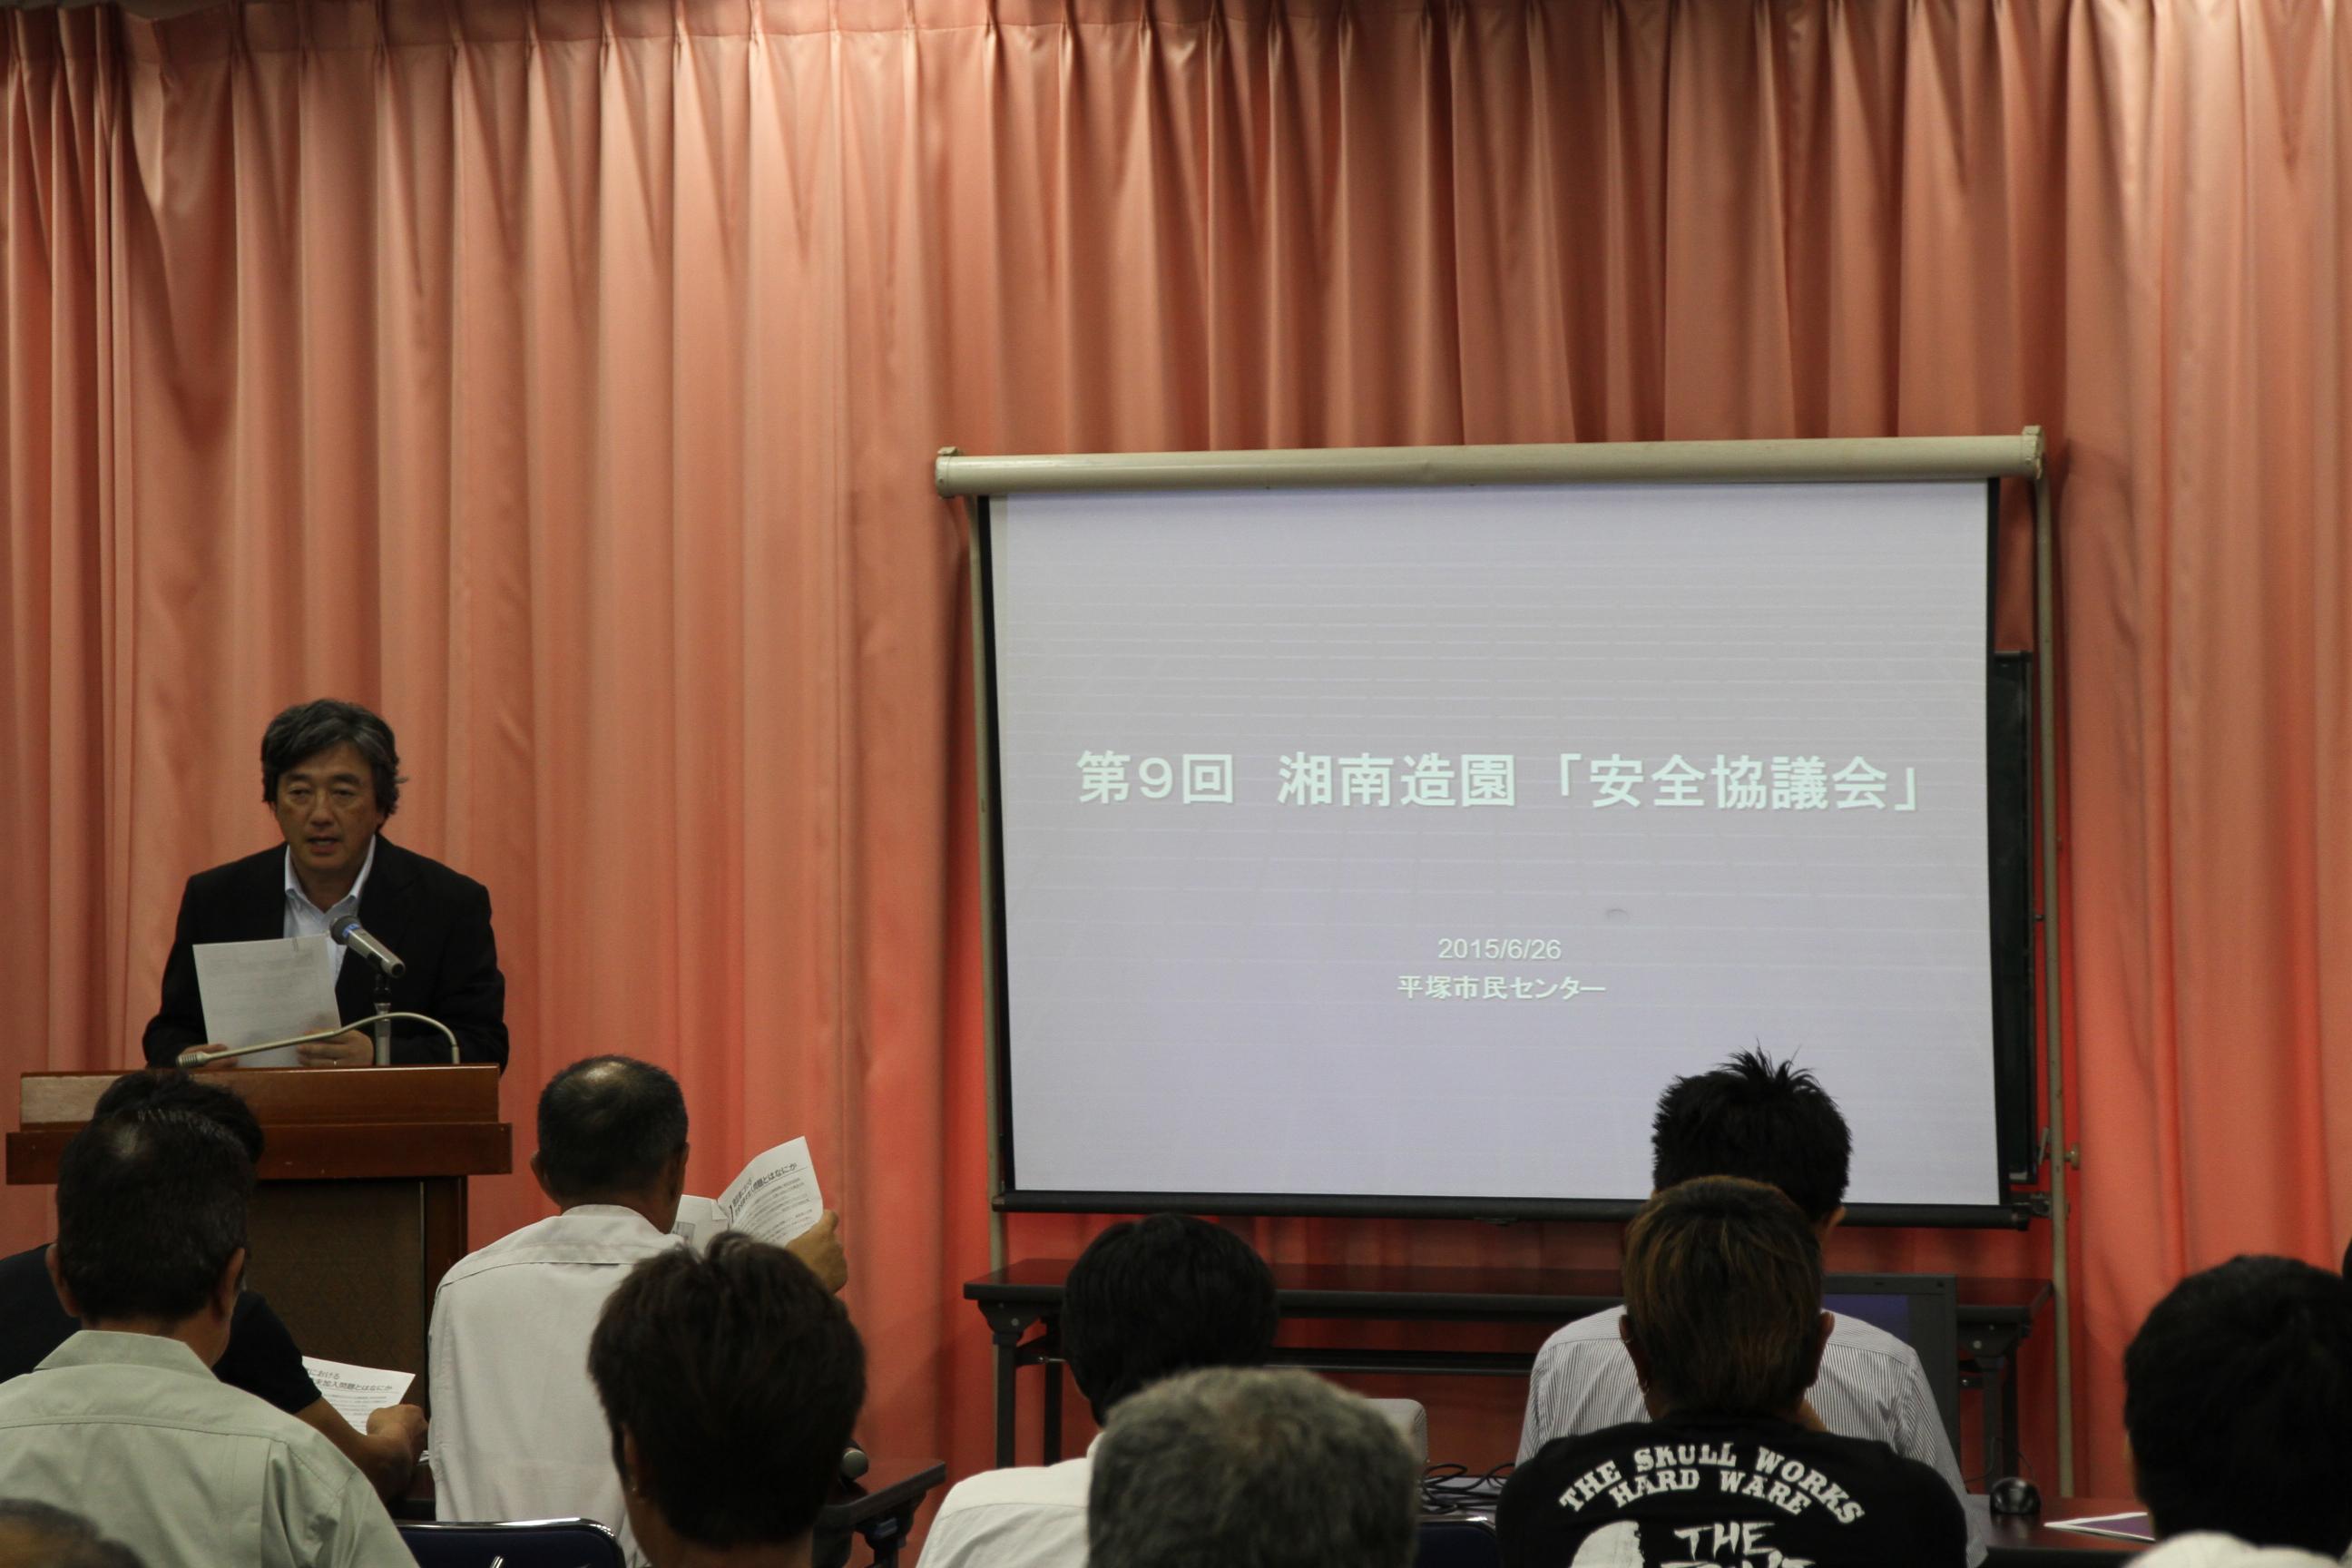 http://www.shonan-ls.co.jp/blog/landscape/img/IMG_3249.JPG